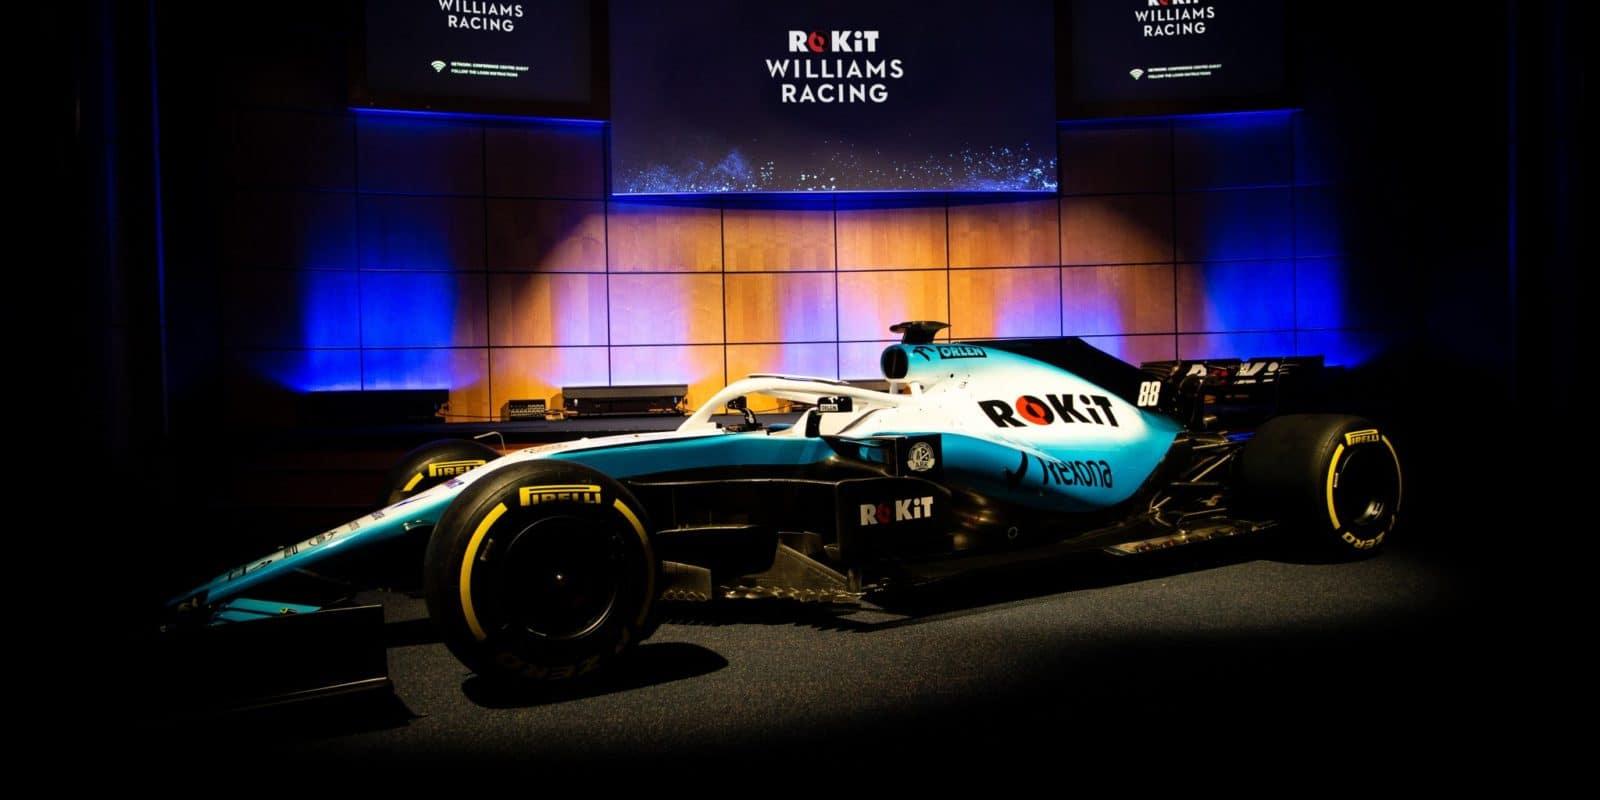 Williams ukázal nové barvy atitulárního sponzora